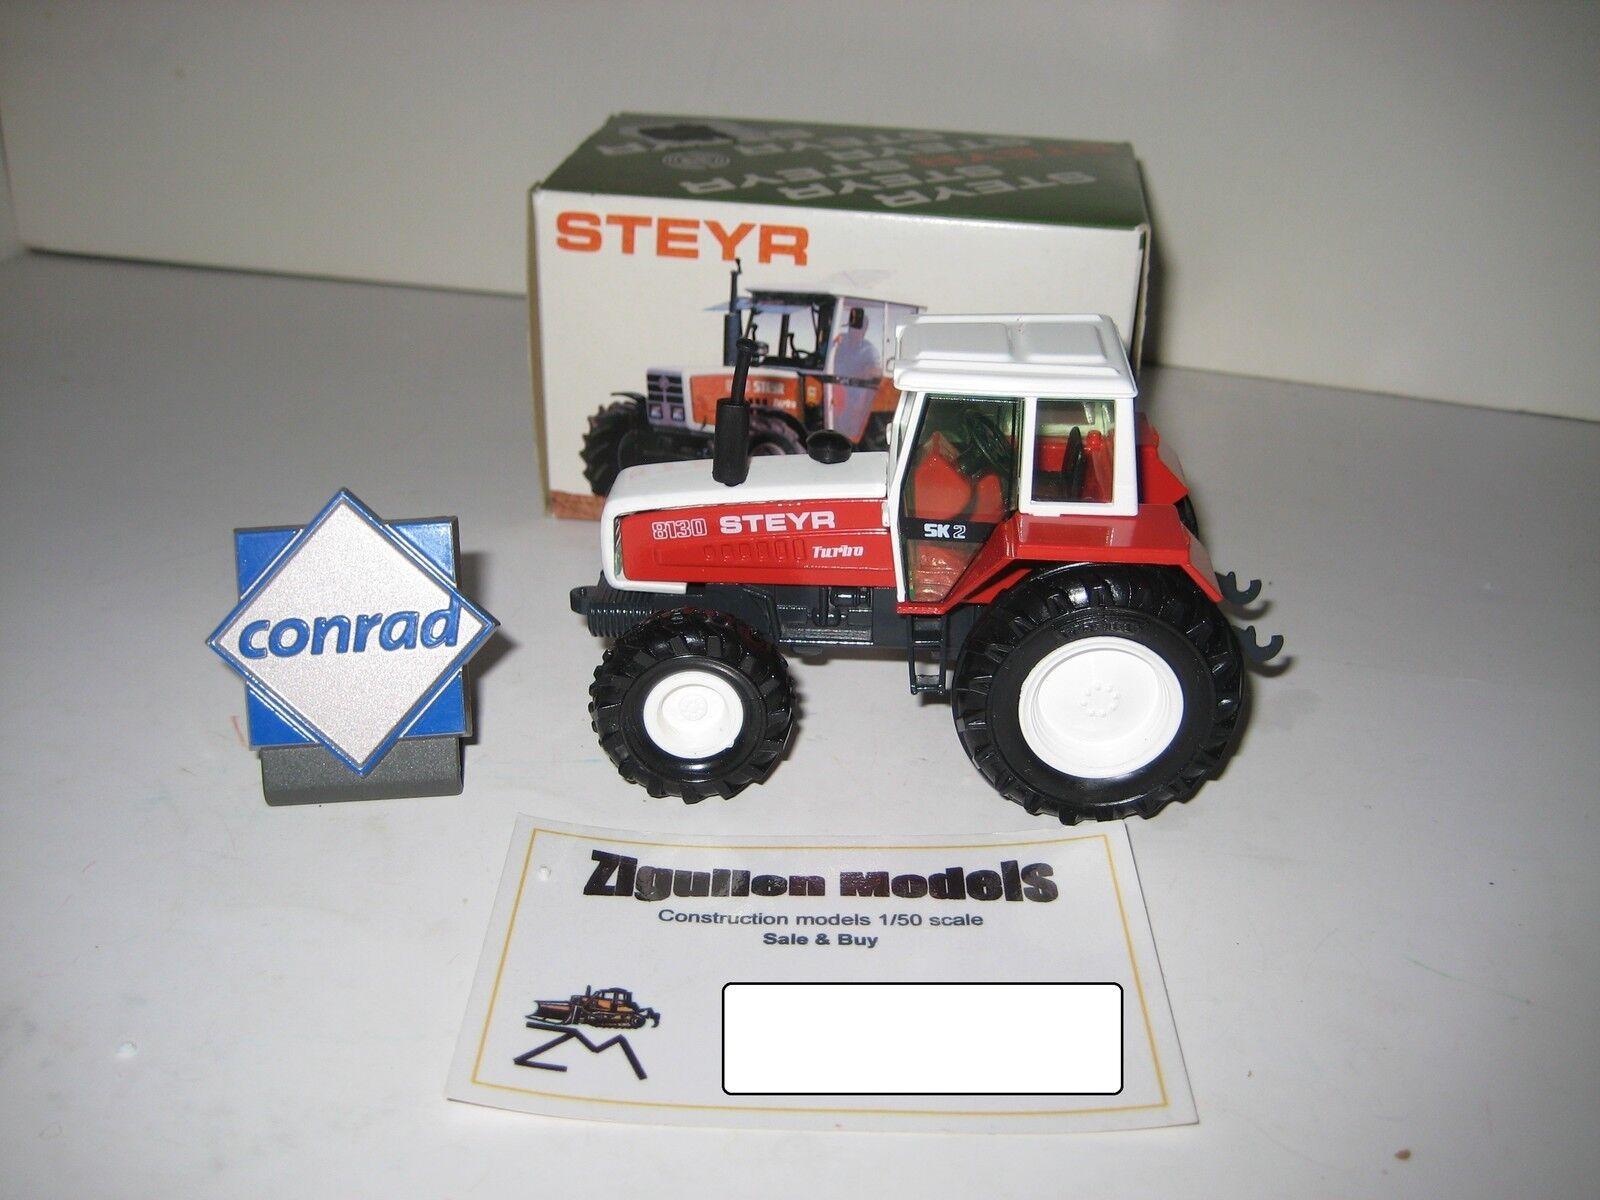 descuento de ventas en línea STEYR 8130 TURBO SK 2 2 2  5018.1 CONRAD 1 43 OVP  alta calidad